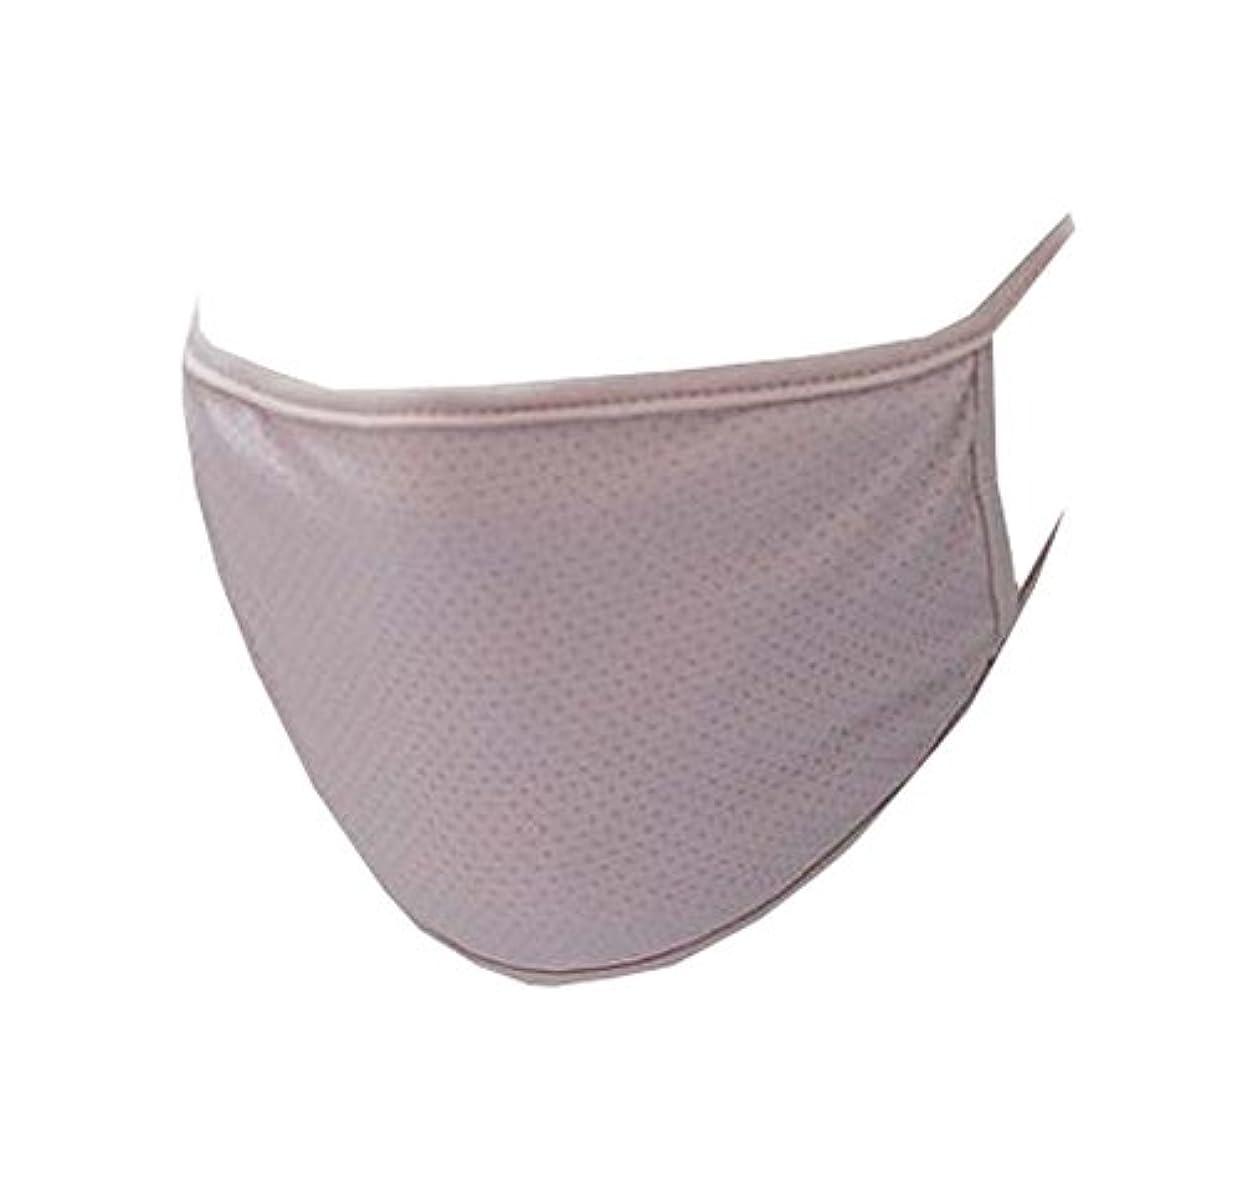 ゴールドフィルタ許す口マスク、再使用可能フィルター - 埃、花粉、アレルゲン、抗UV、およびインフルエンザ菌 - F